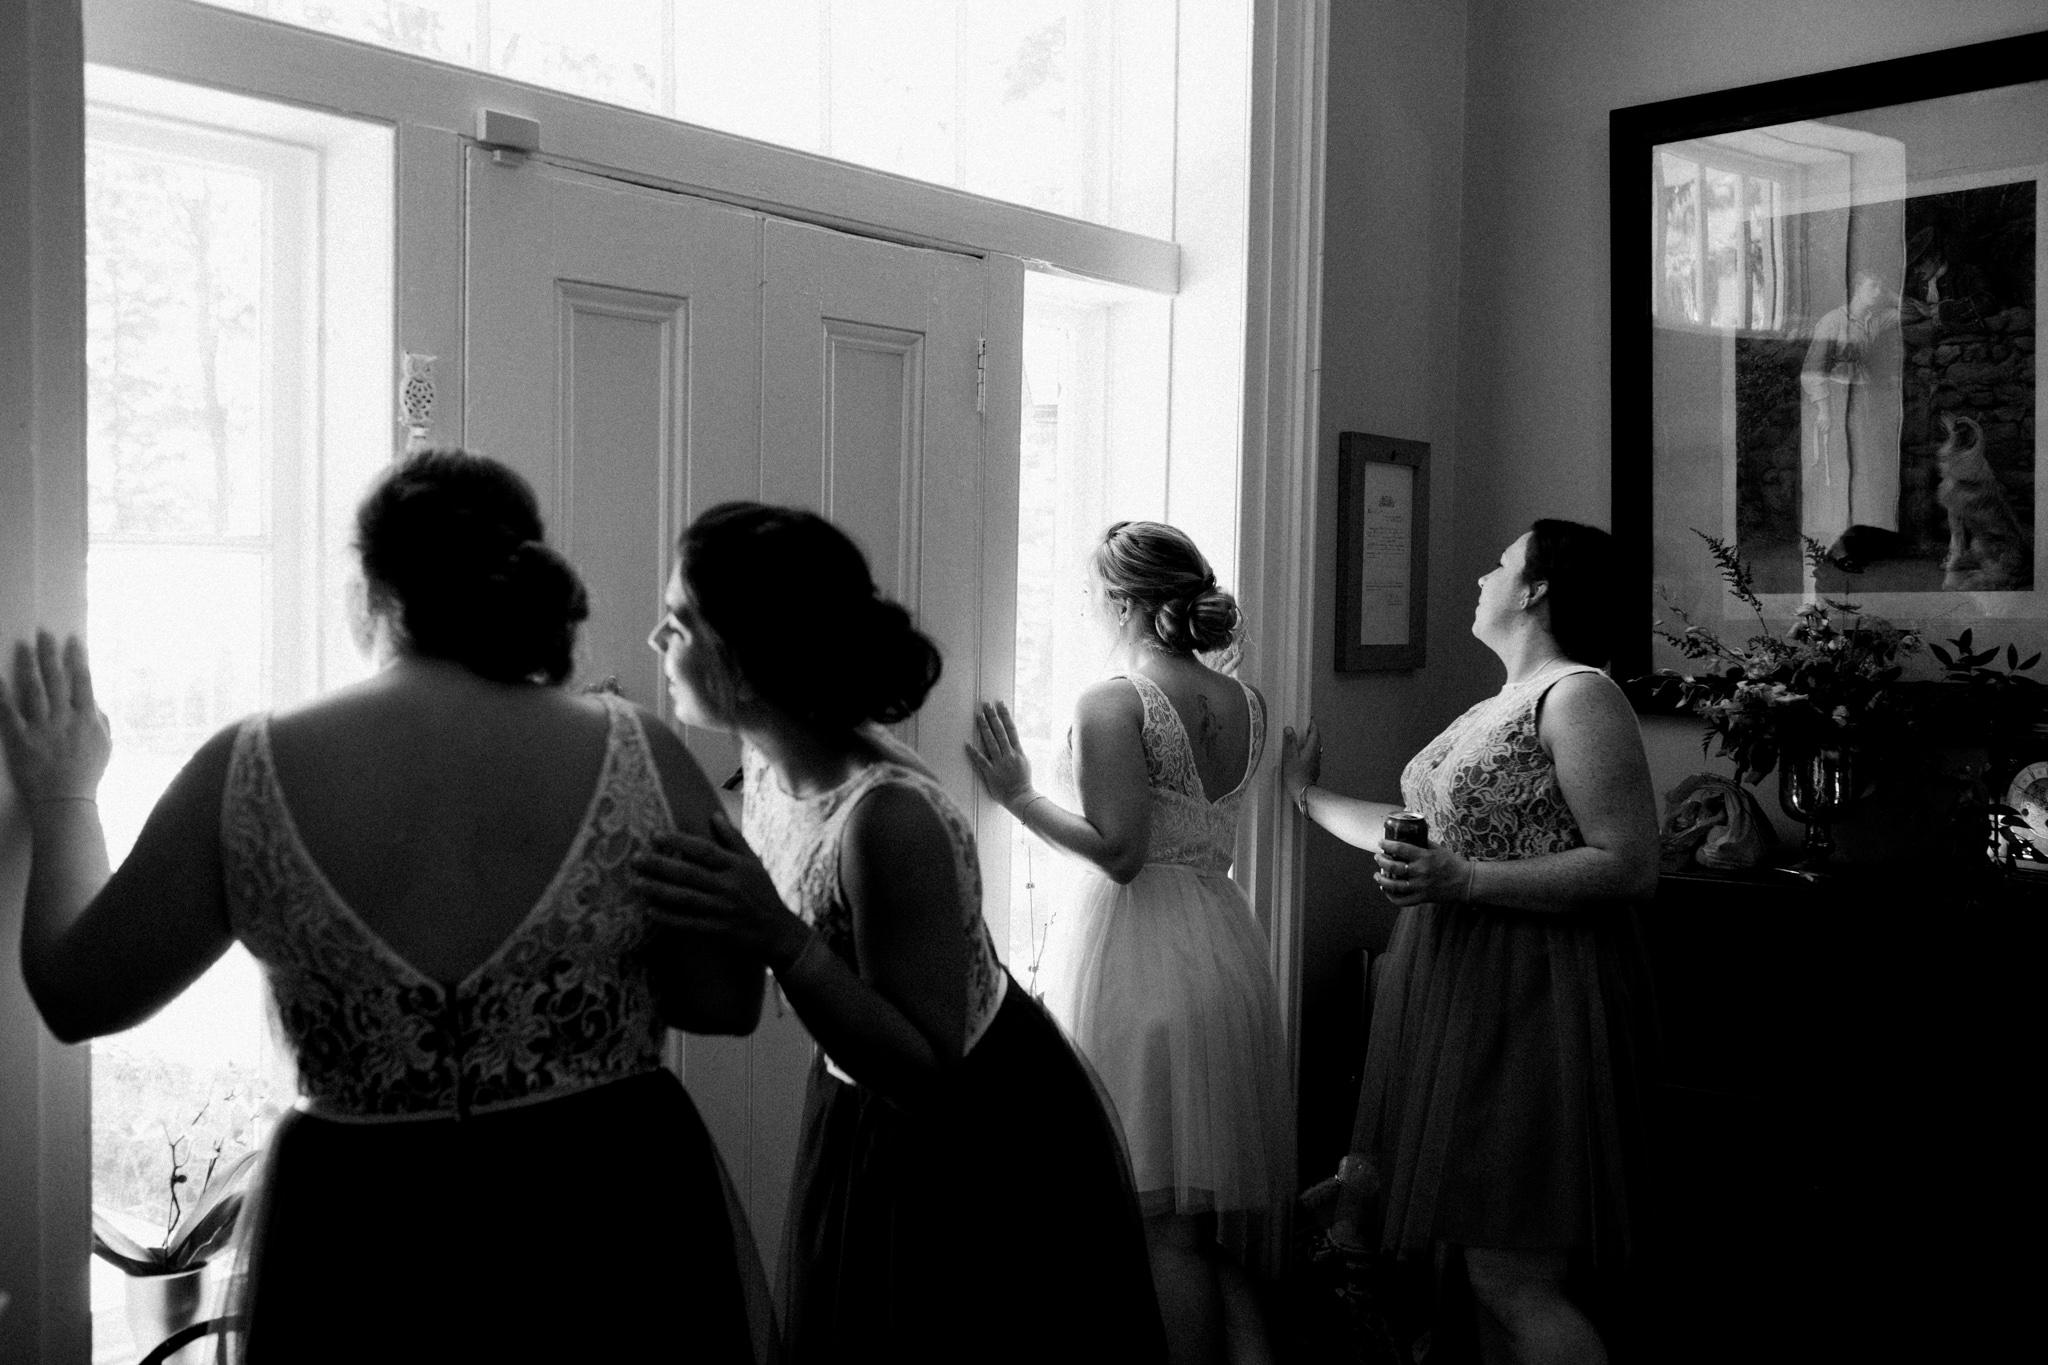 Orillia summer wedding at Northbrook Farms by Max Wong Photo (14)